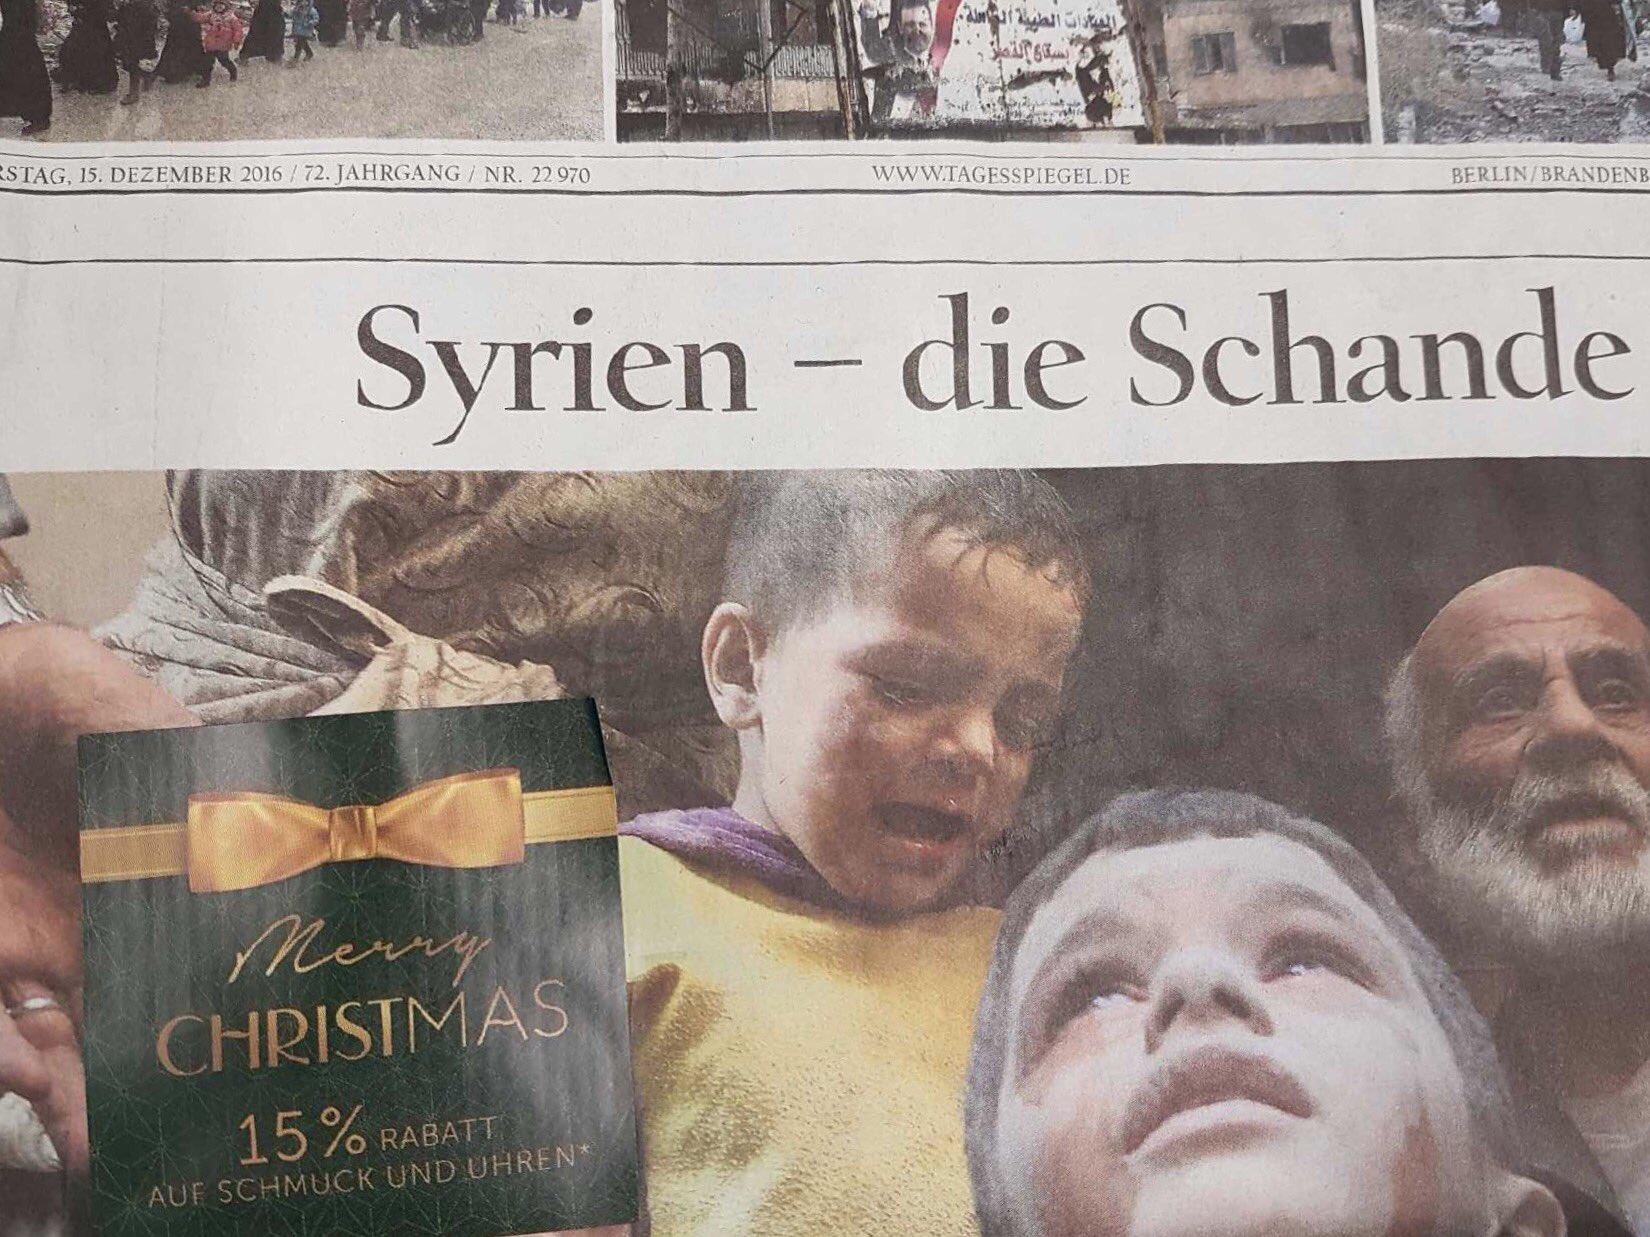 Tagesspiegel-Titel, Quelle: Twitter Tagesspiegel